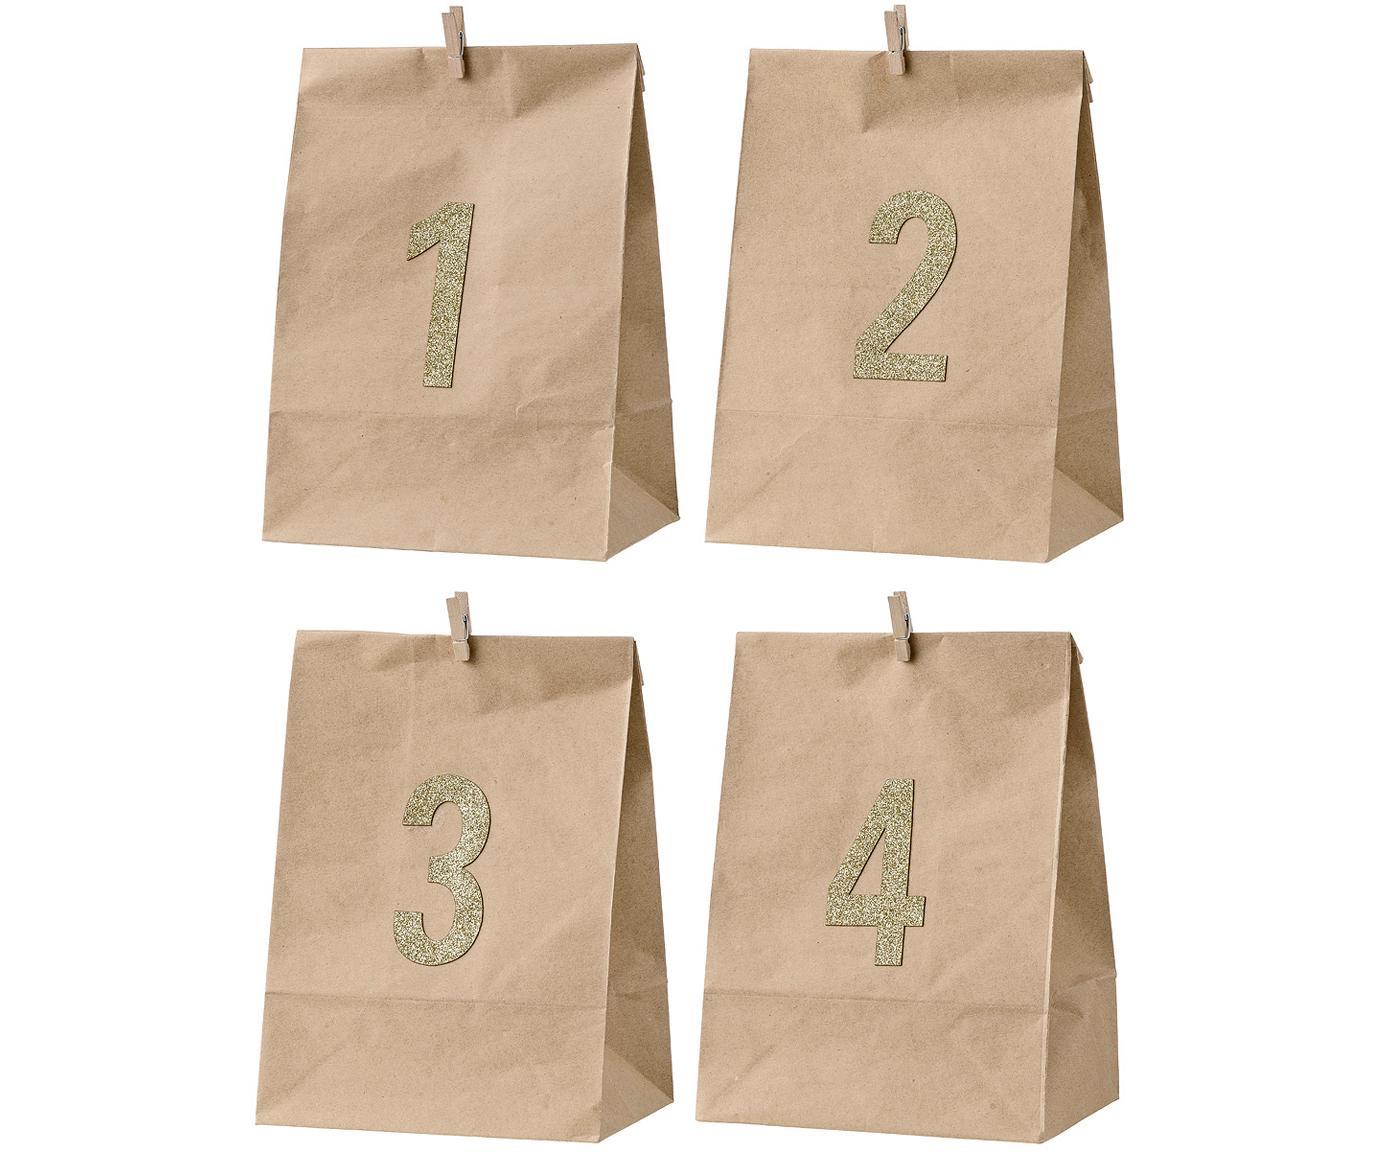 Komplet toreb papierowych Advent, 4 elem., Papier, Brązowy, odcienie złotego, S 18 x W 24 cm